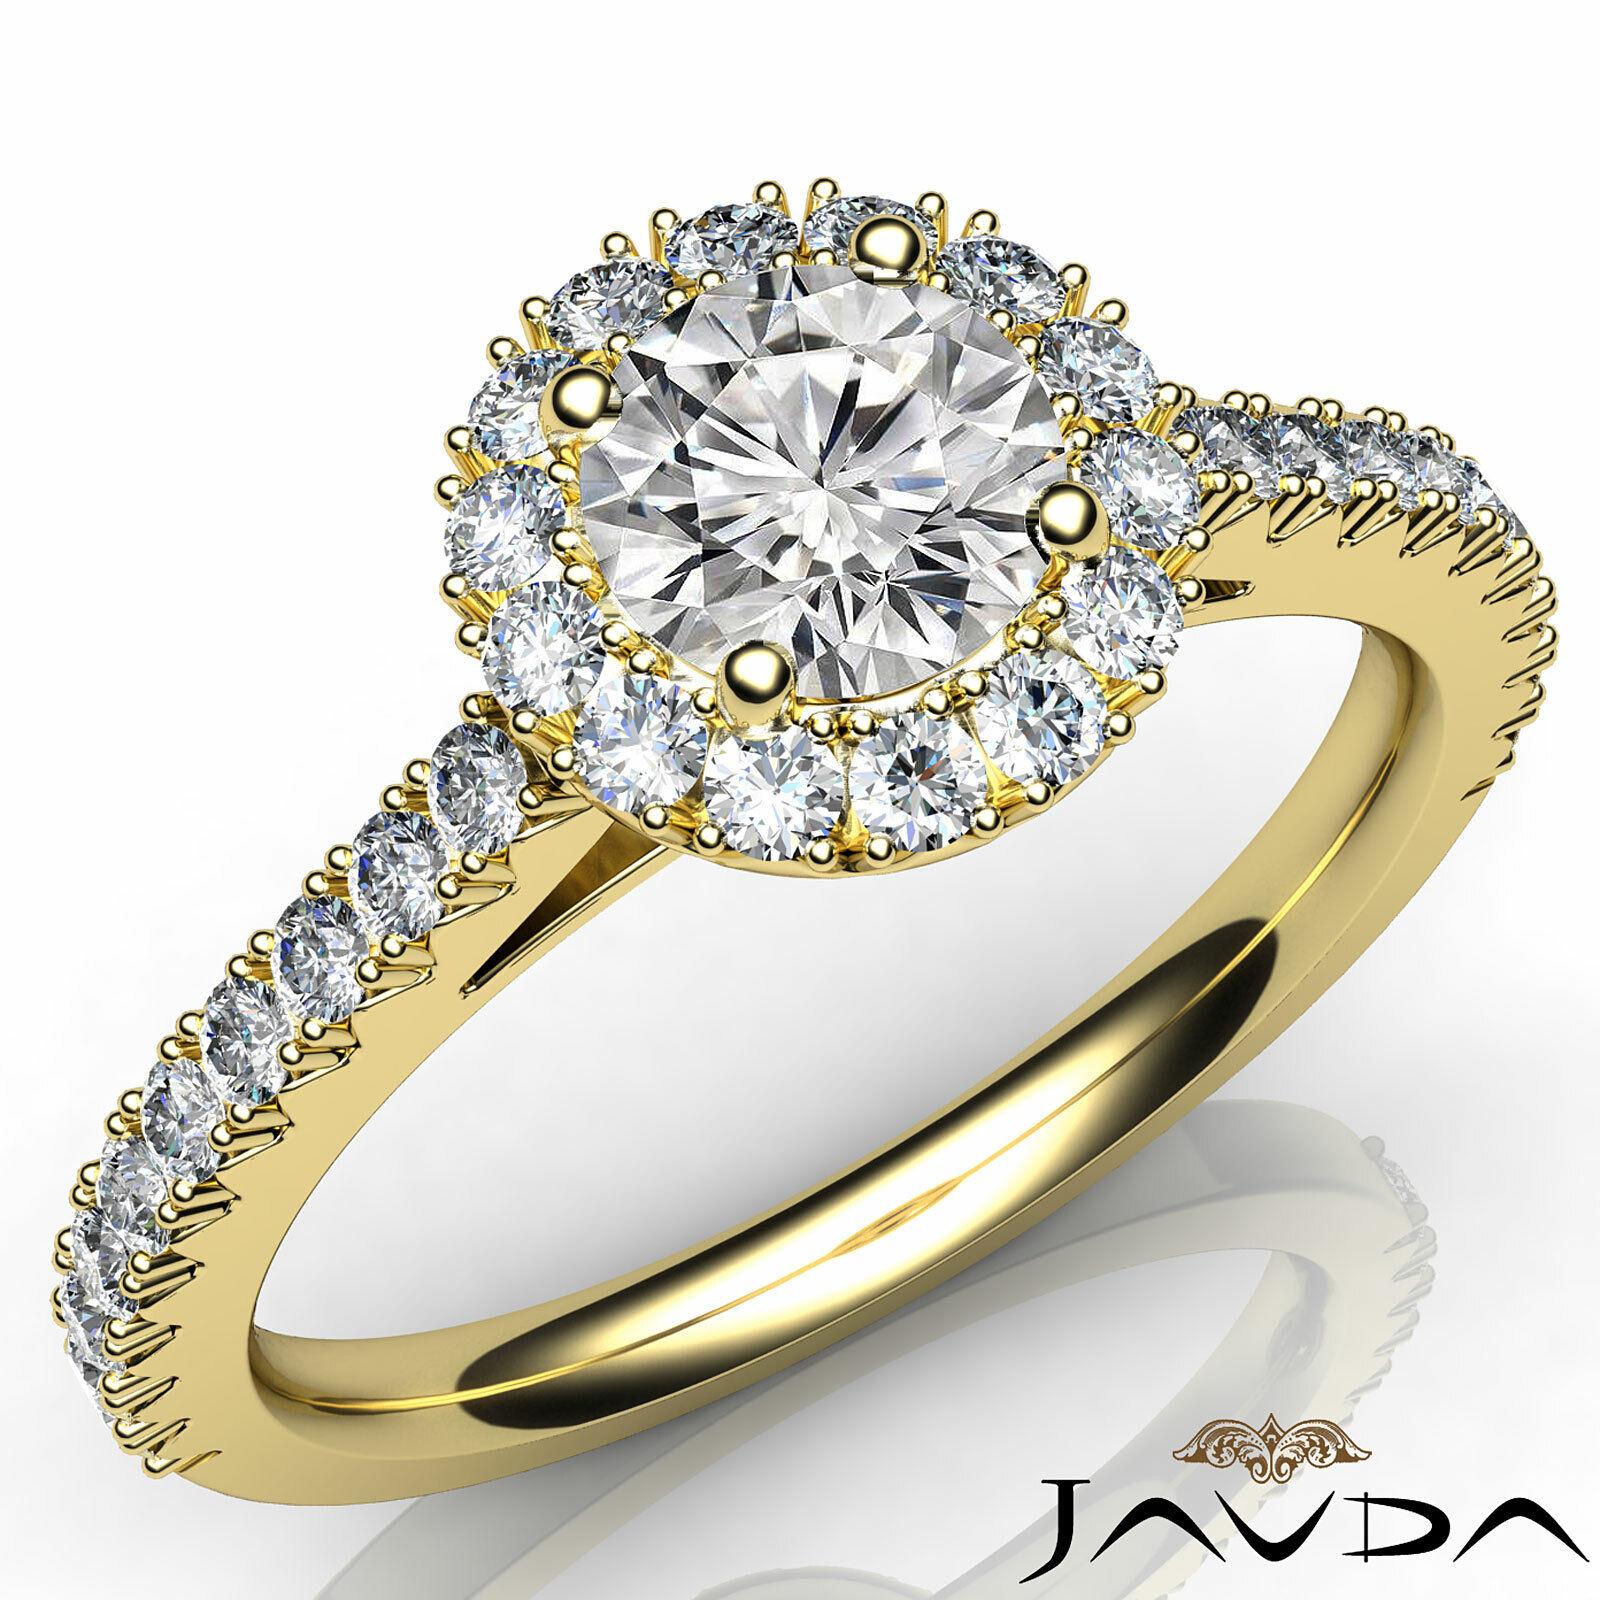 1.5ctw Double Prong Round Diamond Engagement Ring GIA E-VS2 White Gold Women New 6